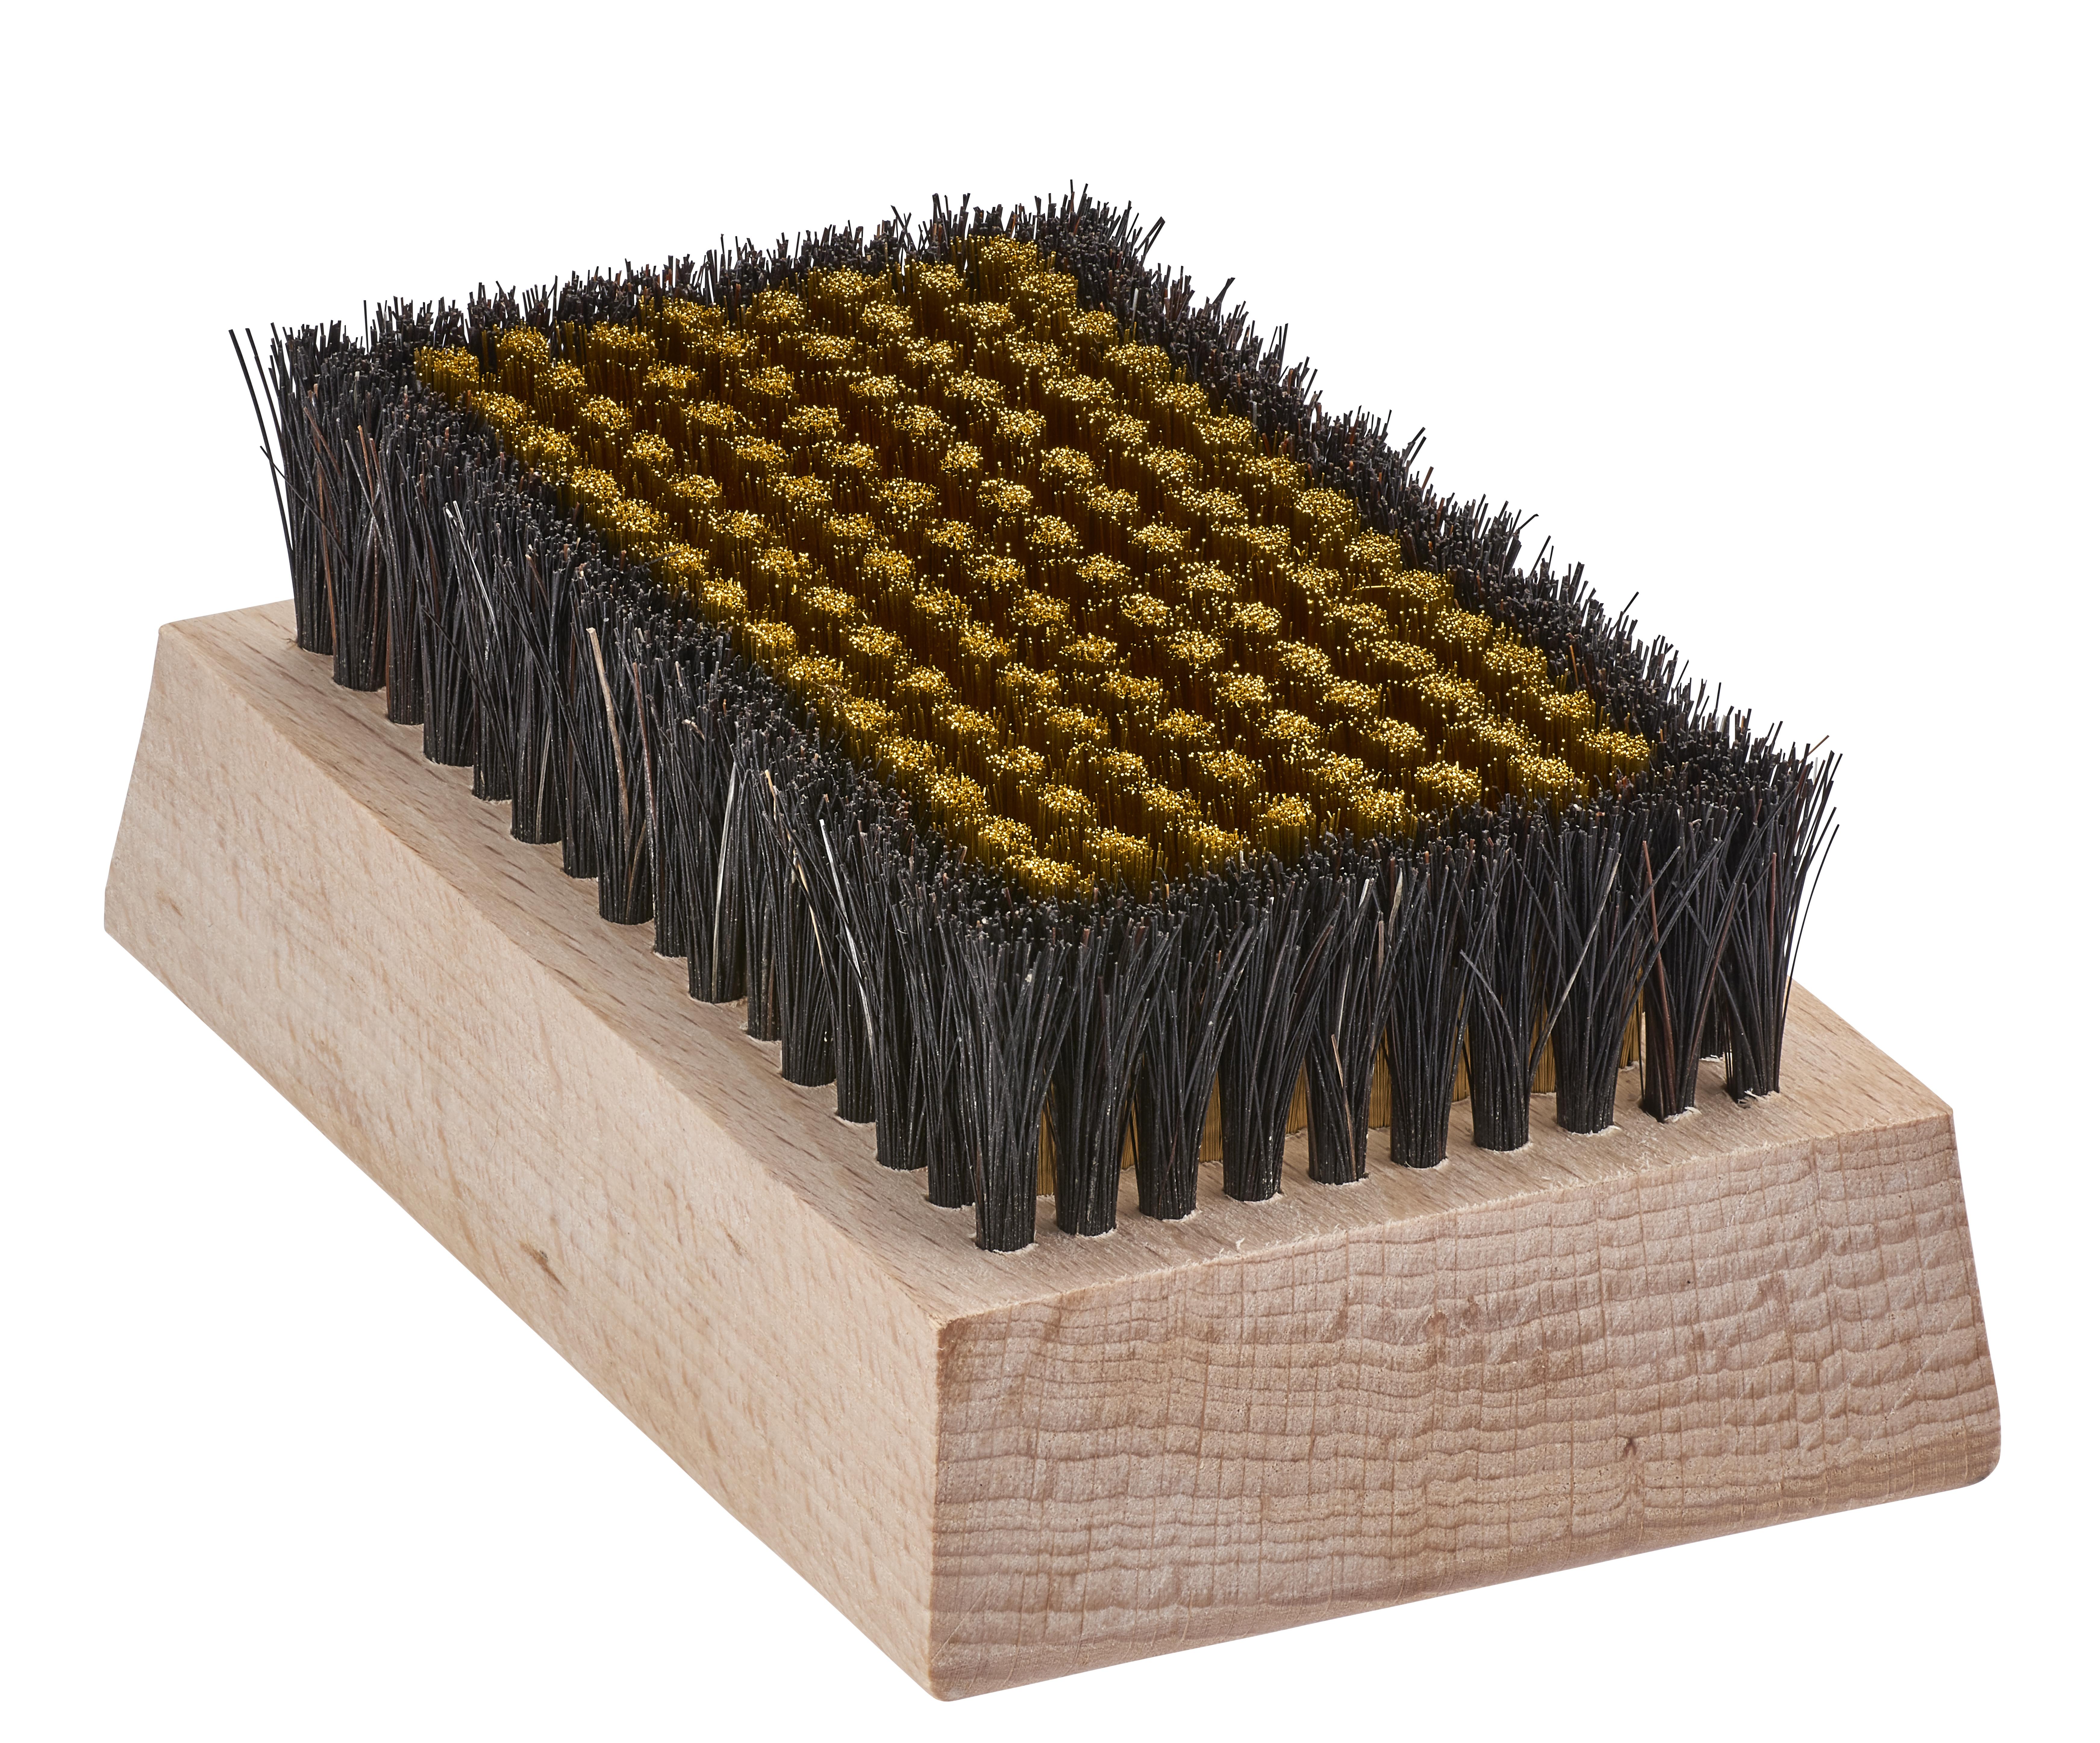 04088 Anilox Brush